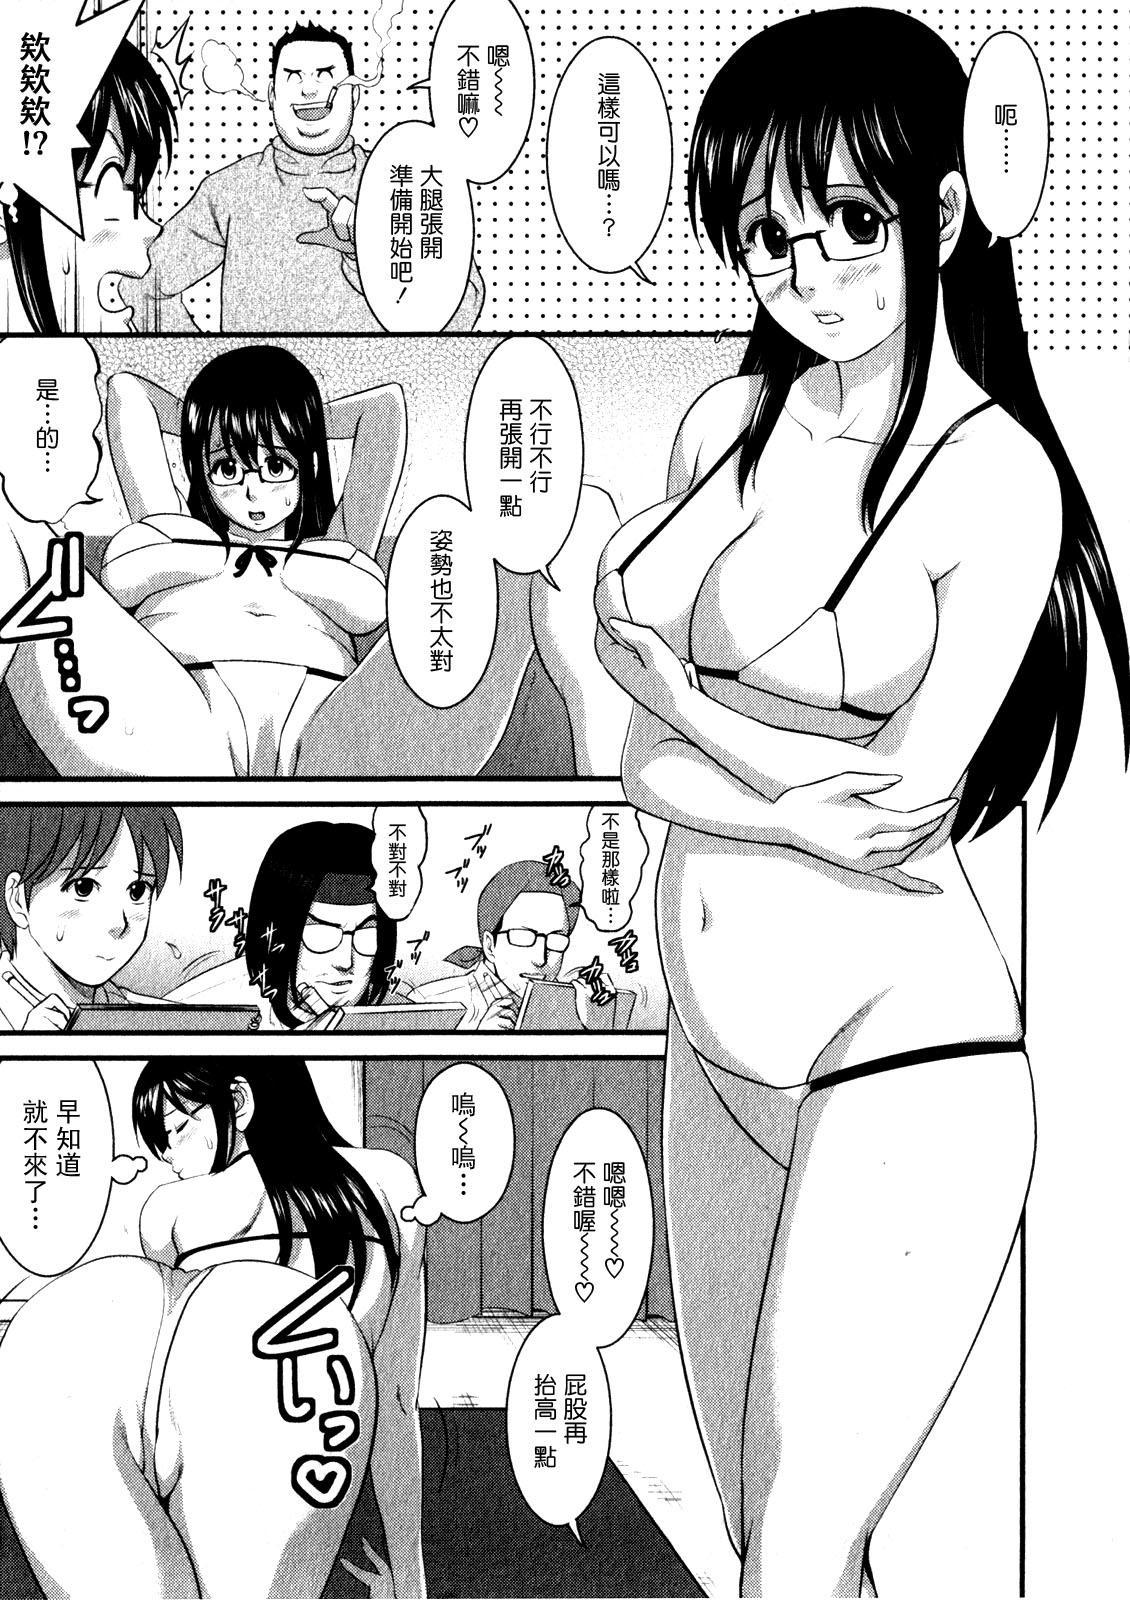 Otaku no Megami-san 1 94